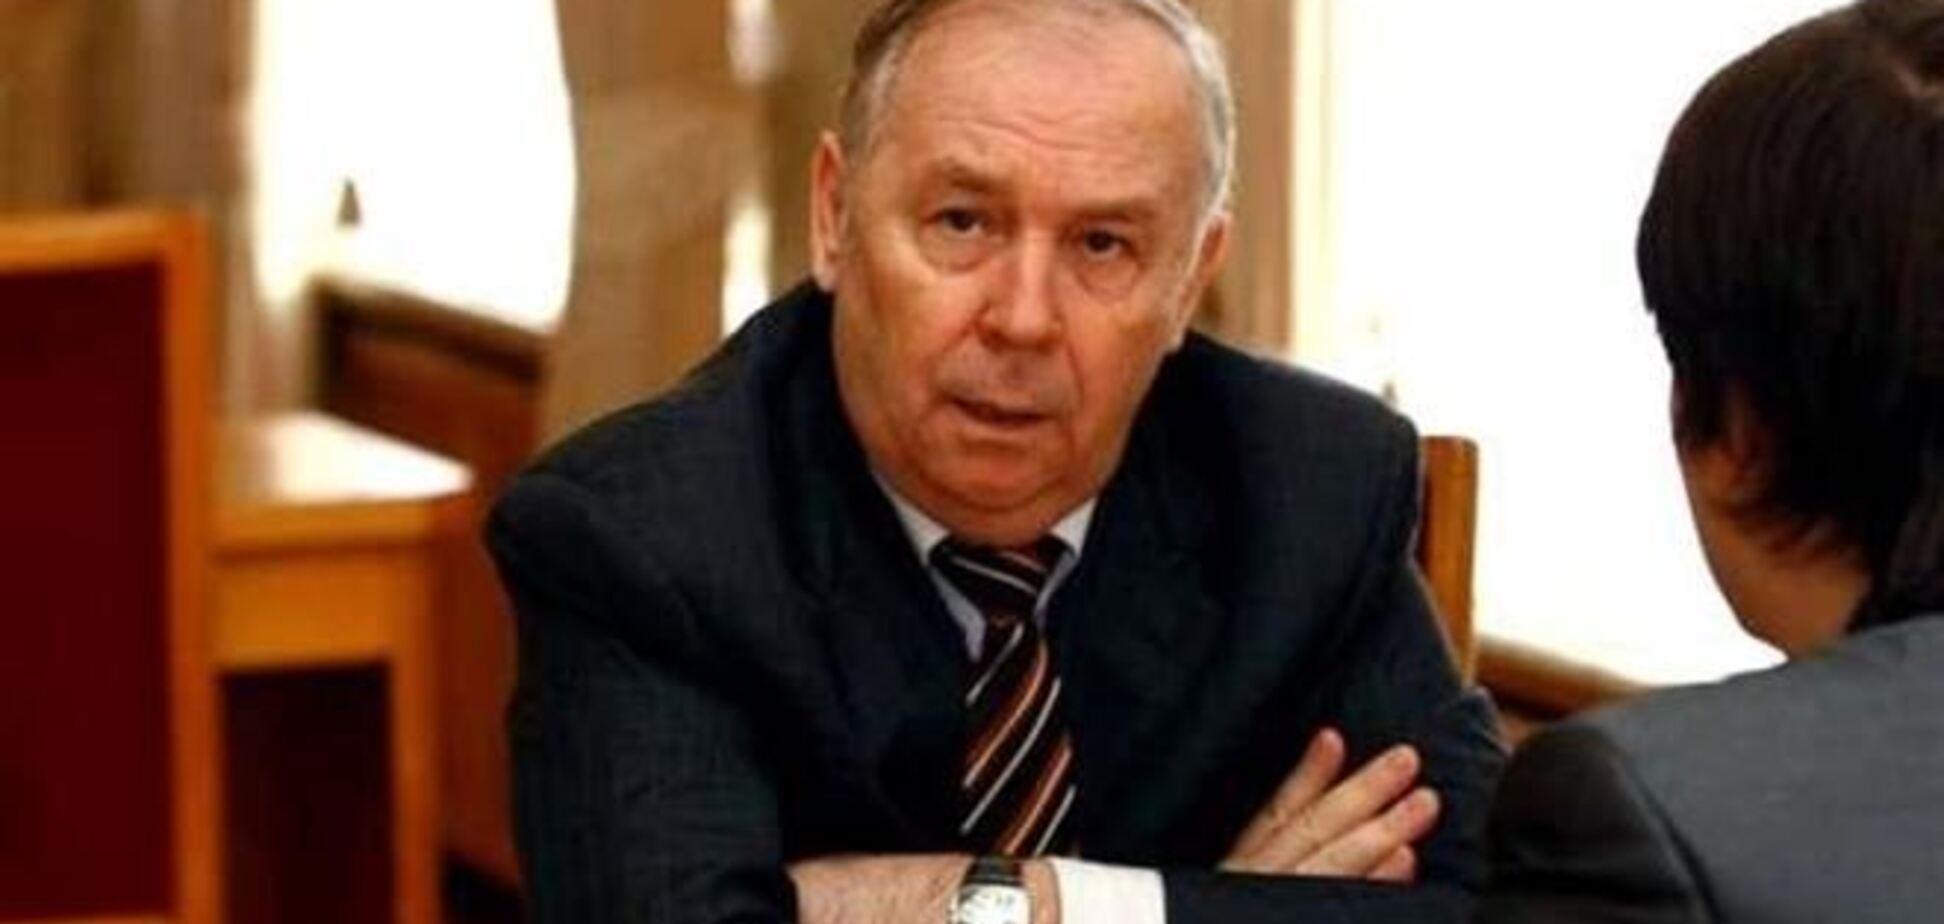 Рибак: Партія регіонів втратить половину своїх членів